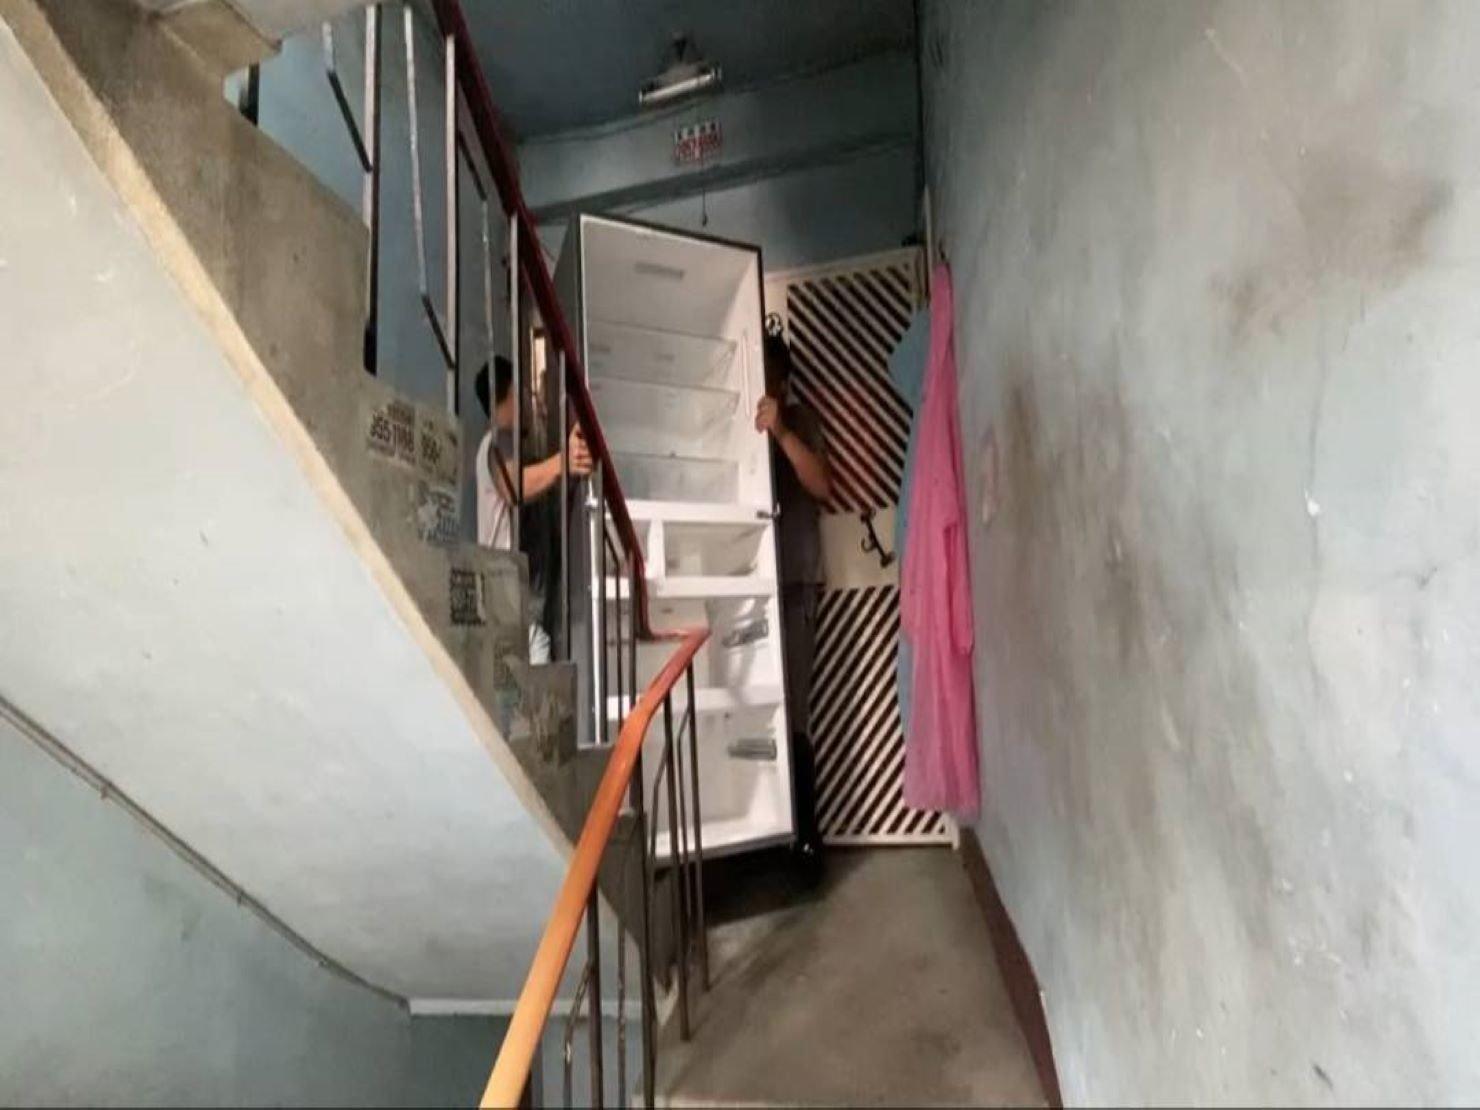 台北搬家公司推薦【榮福搬家】優質搬家,包裝搬運「細膩包裝、專業搬運、用心服務、以客為尊」值得您來選擇:冰箱尺寸大遇到樓梯搬運怕轉彎處無法過,所以必須先將冰箱門拆卸。